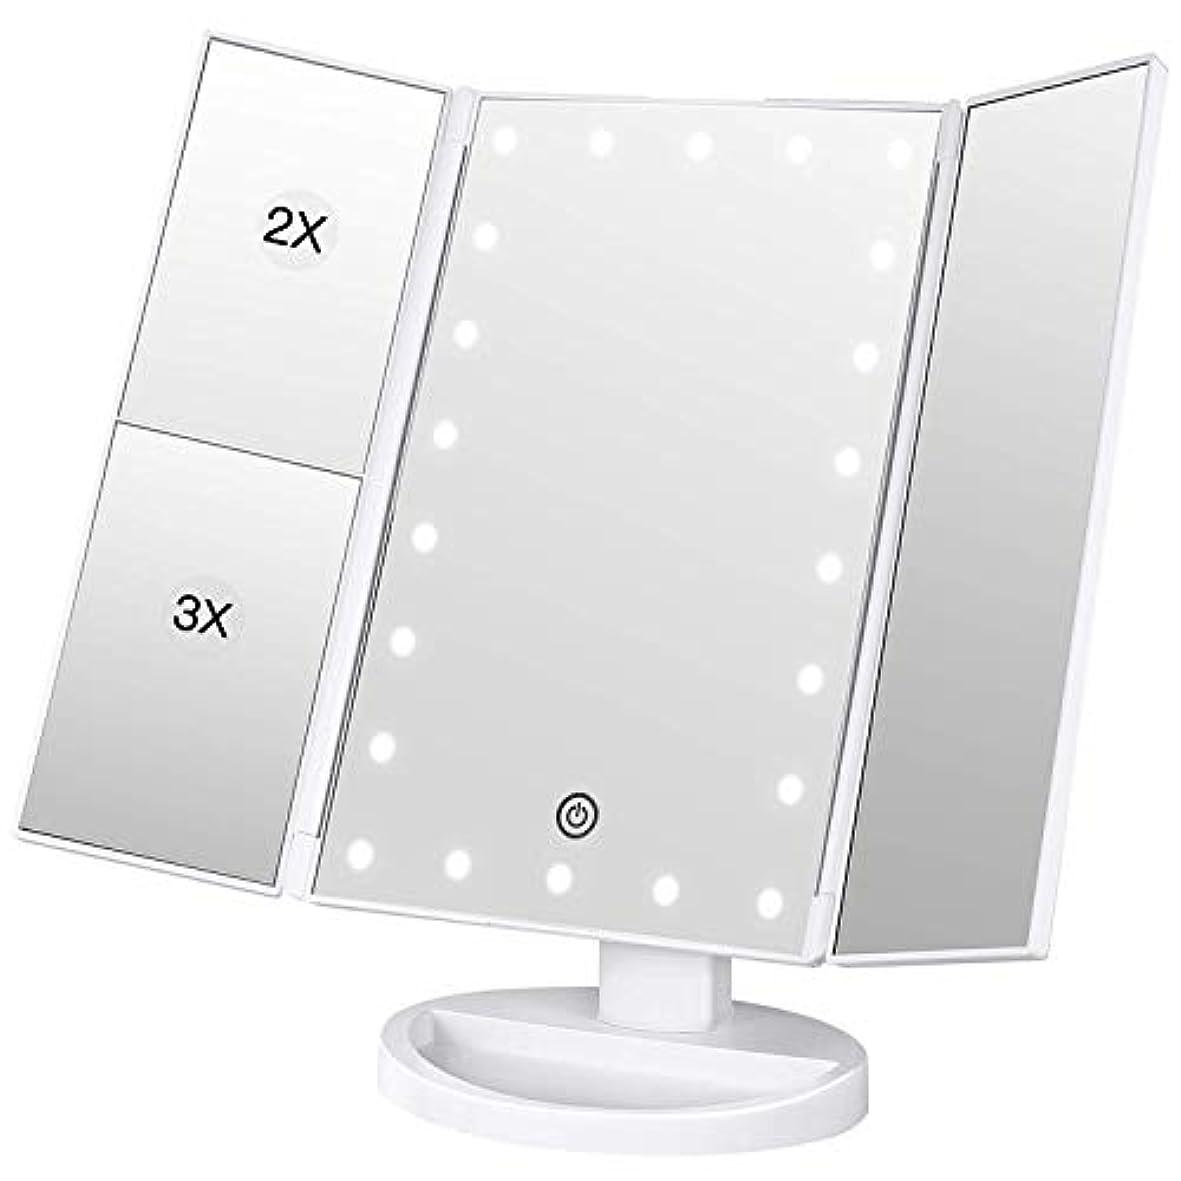 スケルトンプレゼンテーション緊張する収納ベース付き三面鏡 -化粧鏡 led付き 卓上鏡 折りたたみ 拡大鏡 2倍 3倍 明るさ調節可能 180°回転 電池&USB 2WAY給電 (ホワイト)